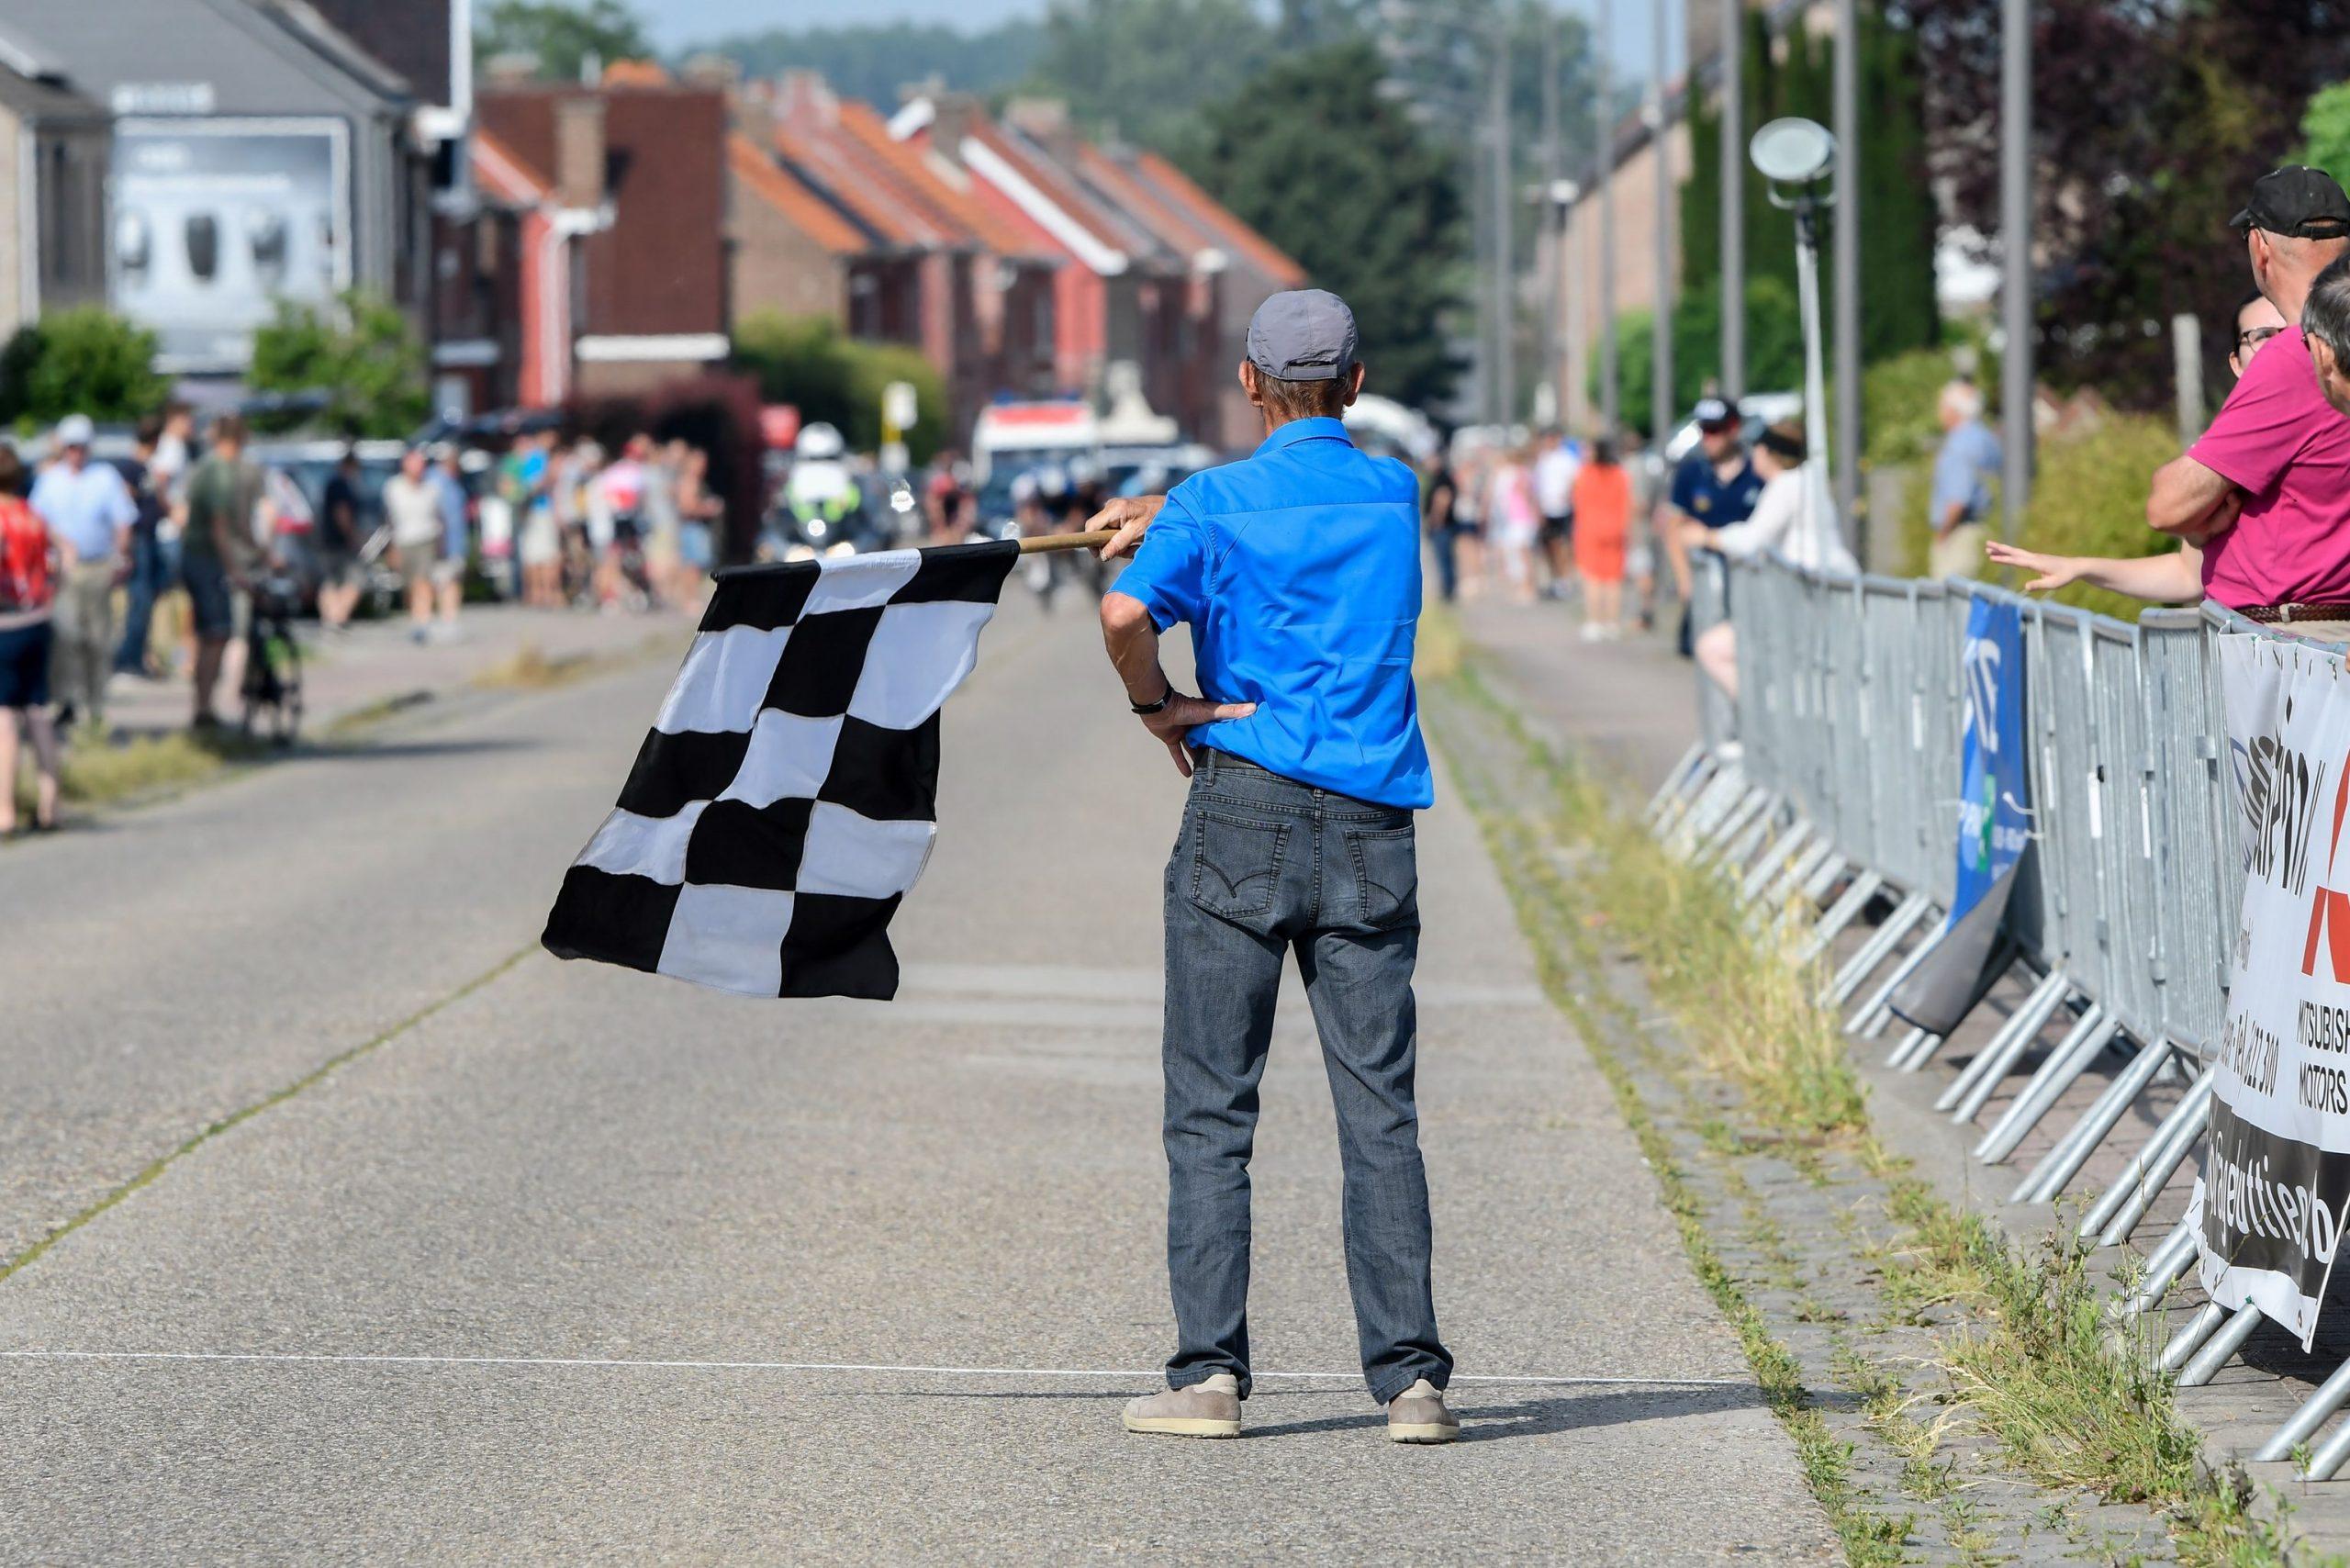 Beker van België voor junioren in Korbeek-Lo uitgesteld naar…